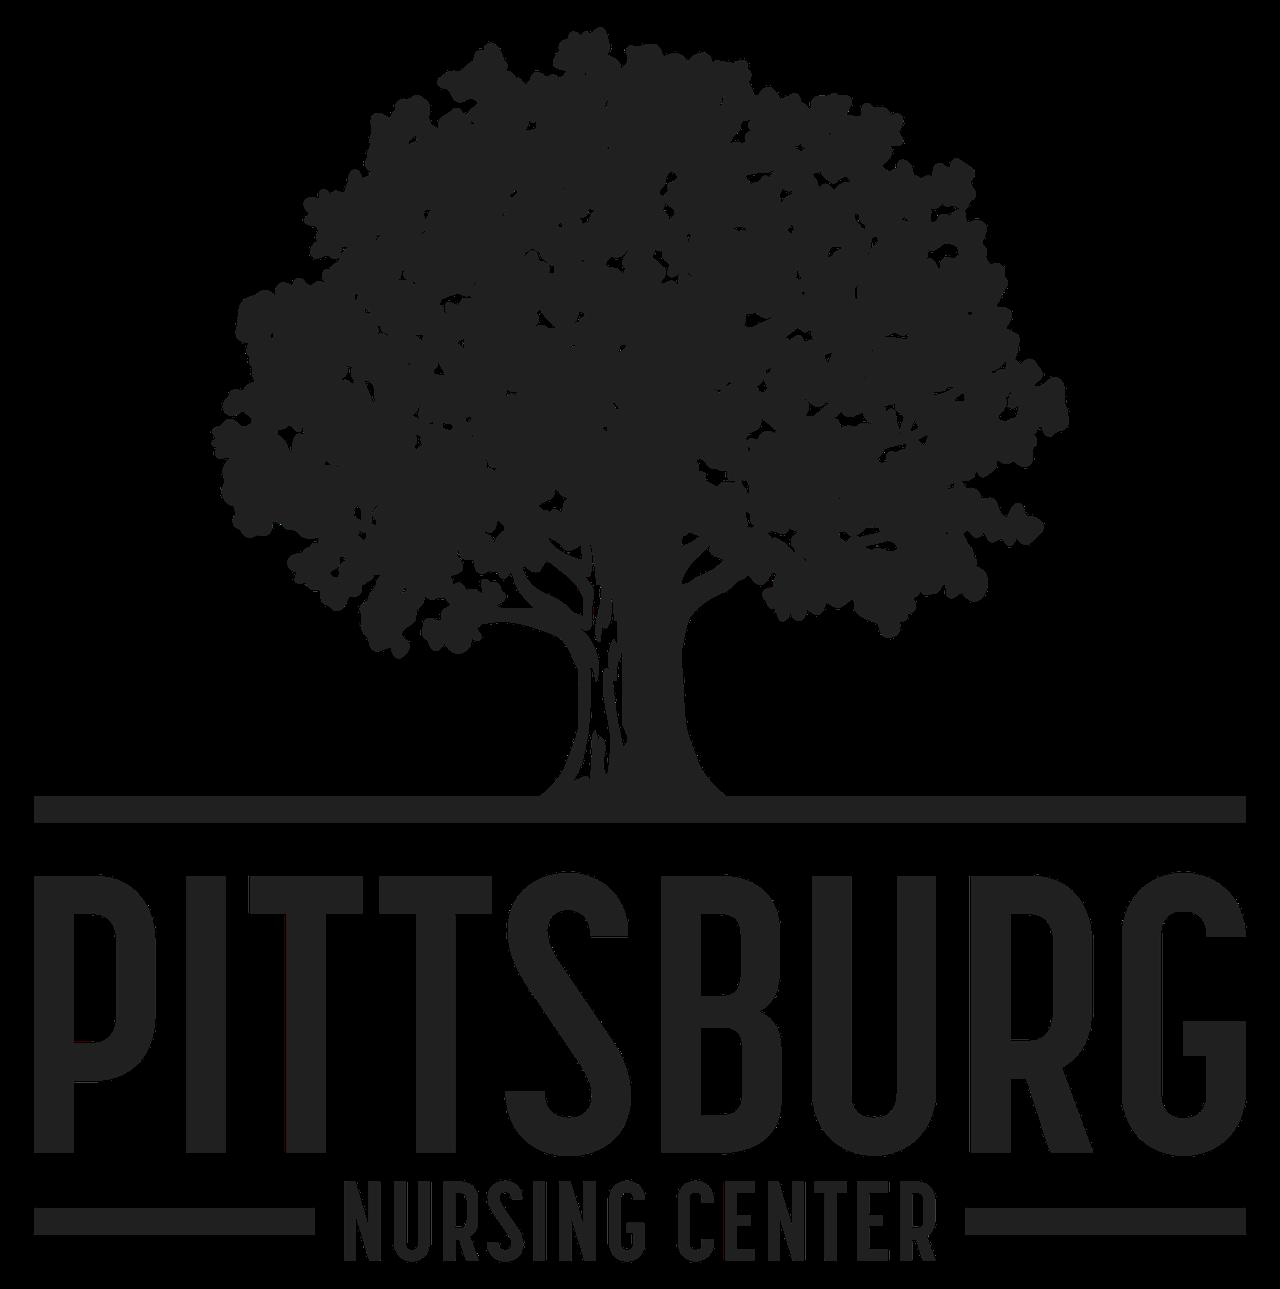 pittsburg nursing logo bw.png